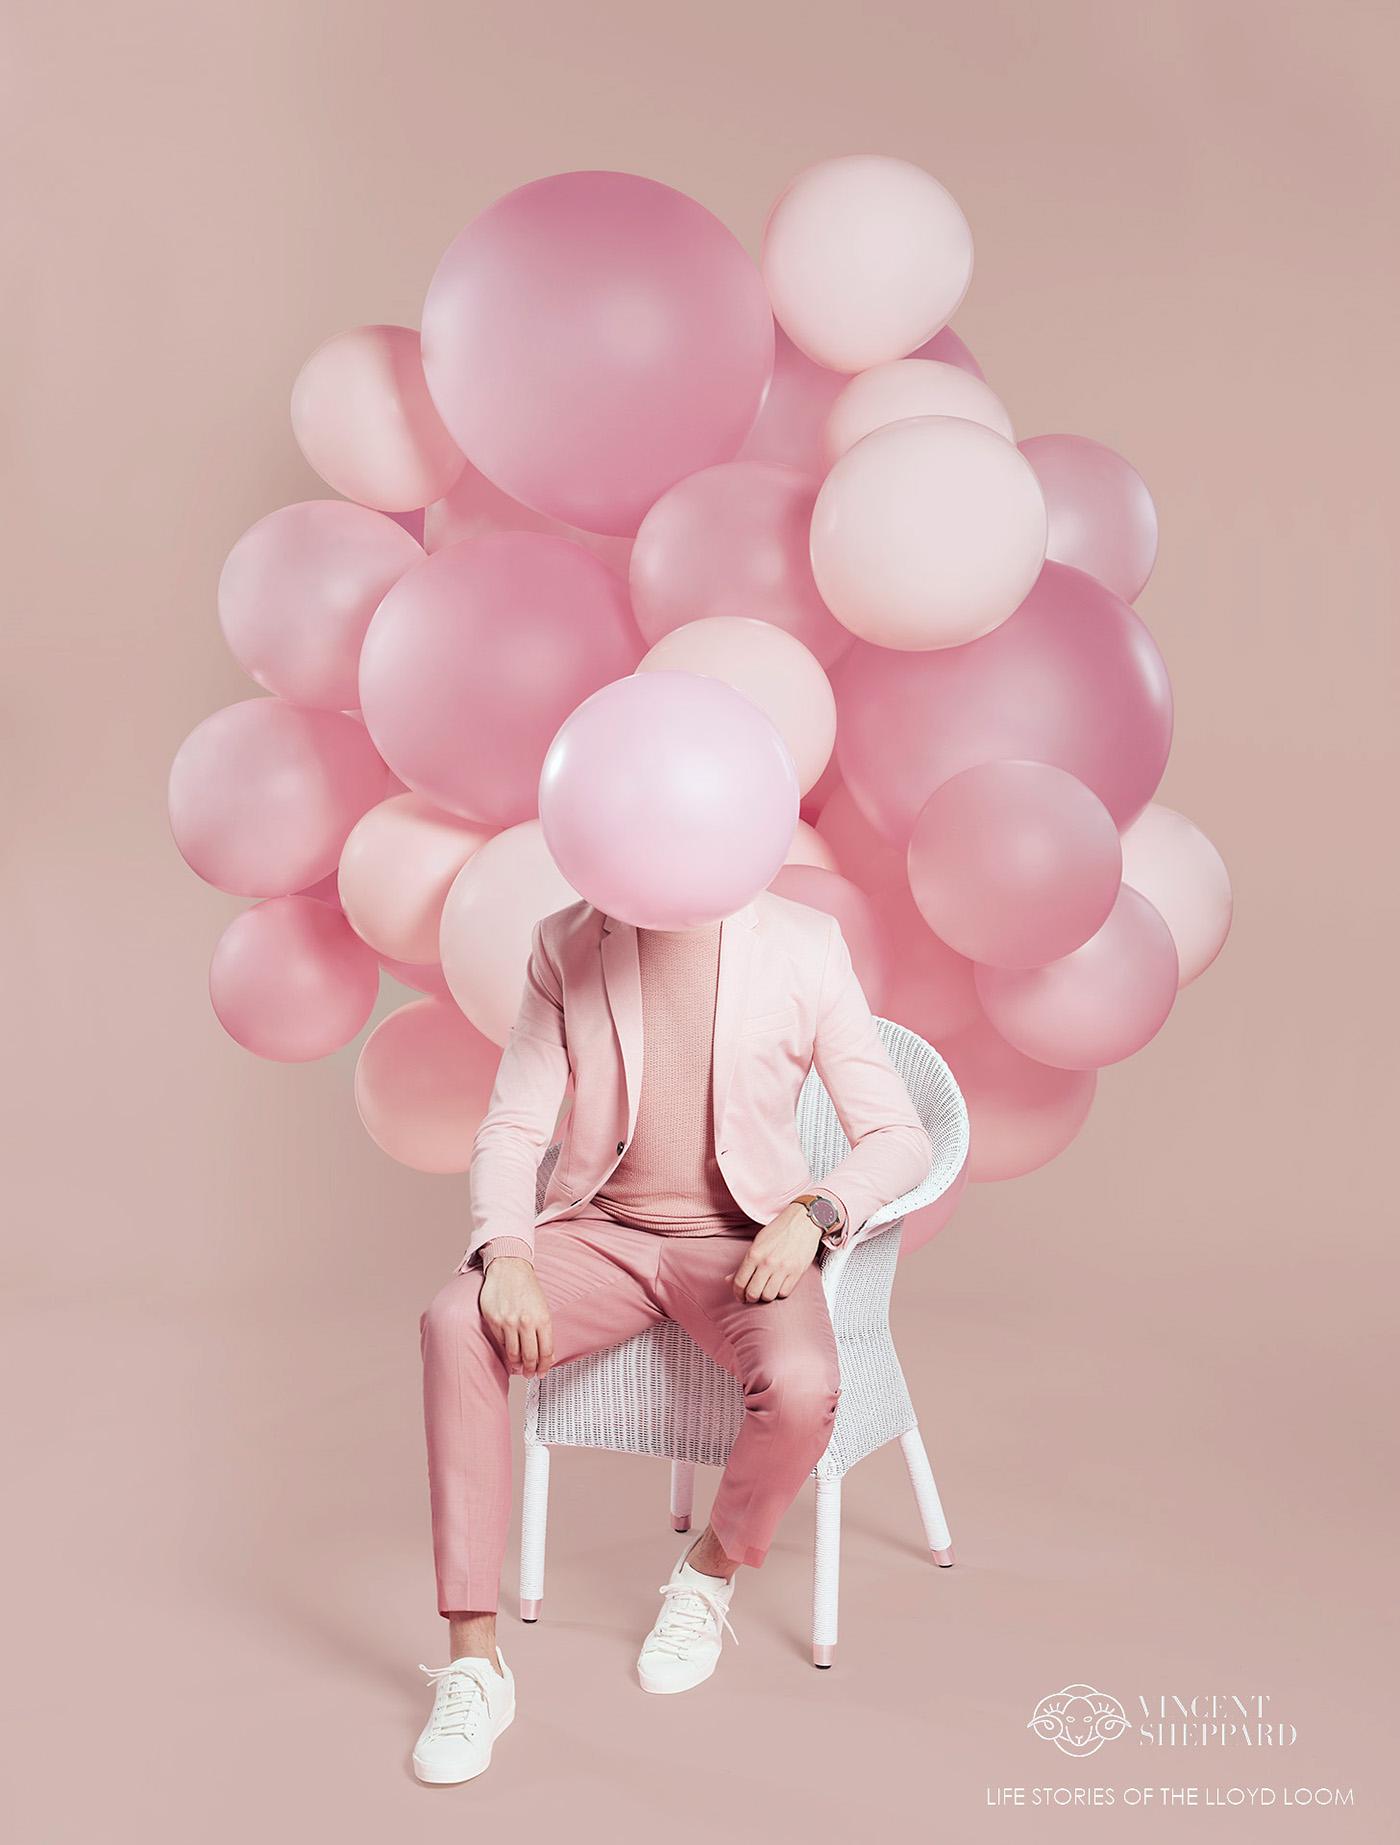 стулья Lloyd Loom